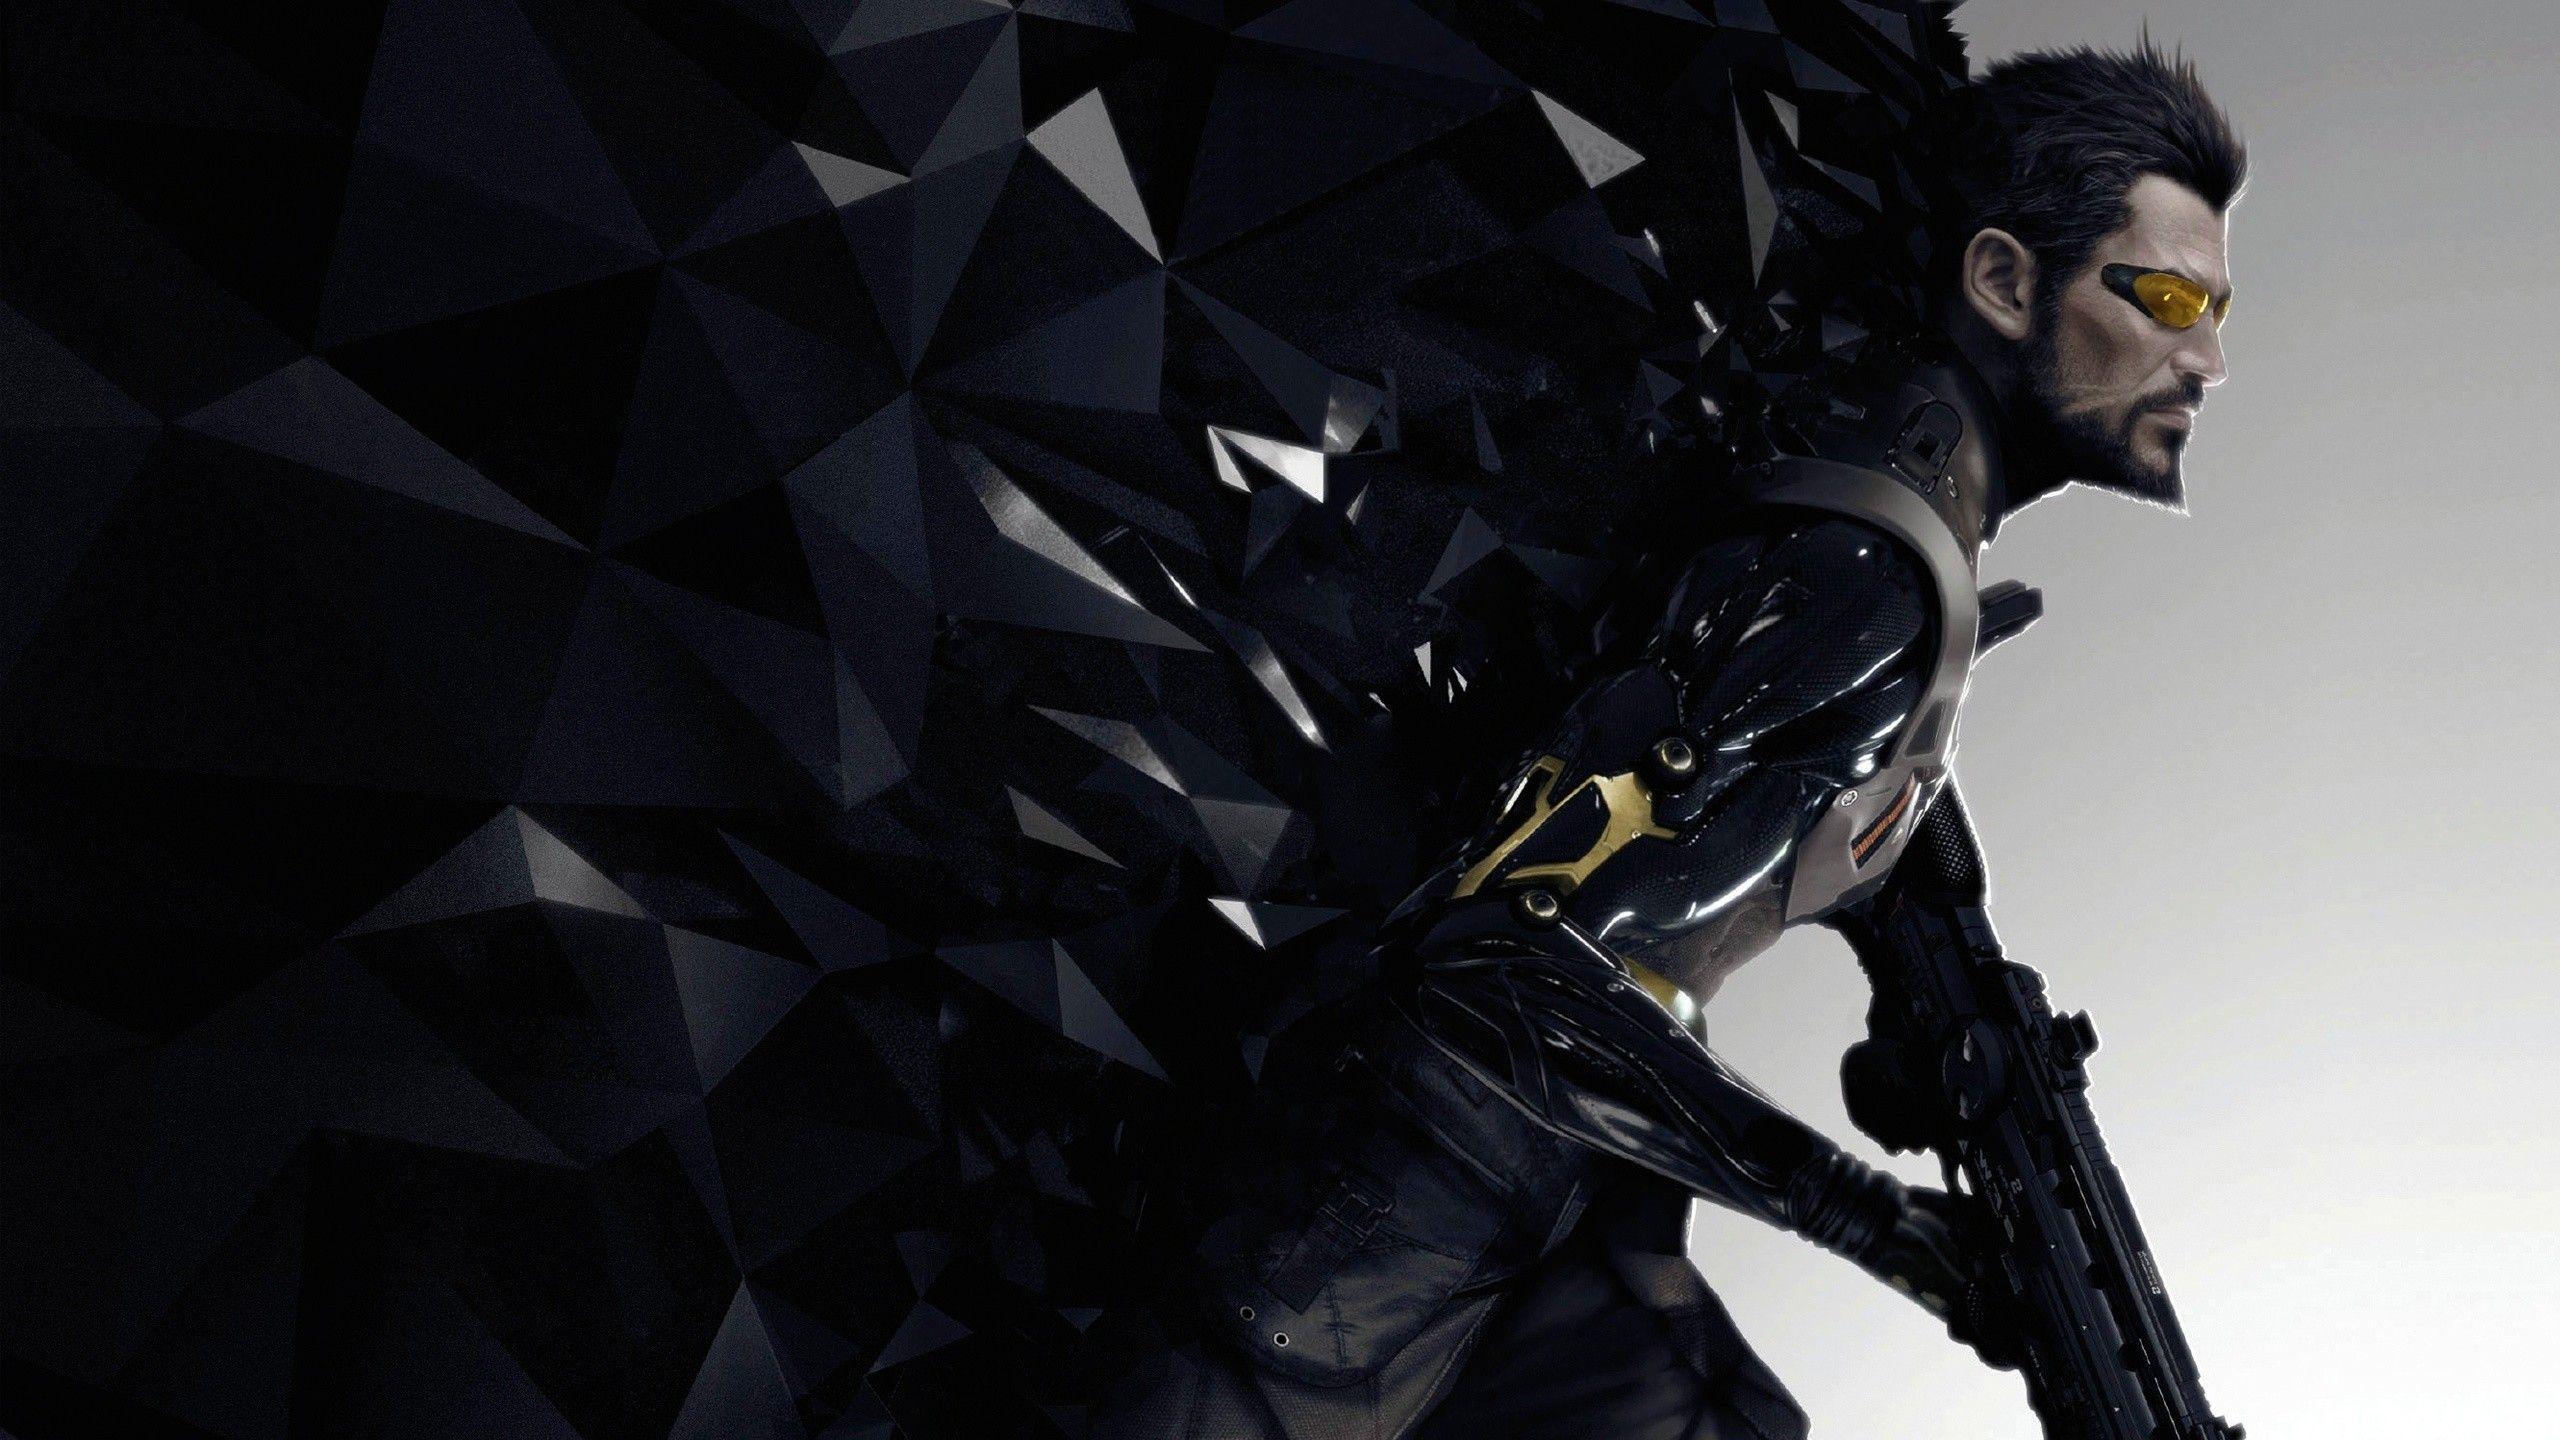 General 2560x1440 Deus Ex Deus Ex Mankind Divided Square Enix Adam Jensen Video Games Deus Ex Mankind Divided Deus Ex Mankind Deus Ex